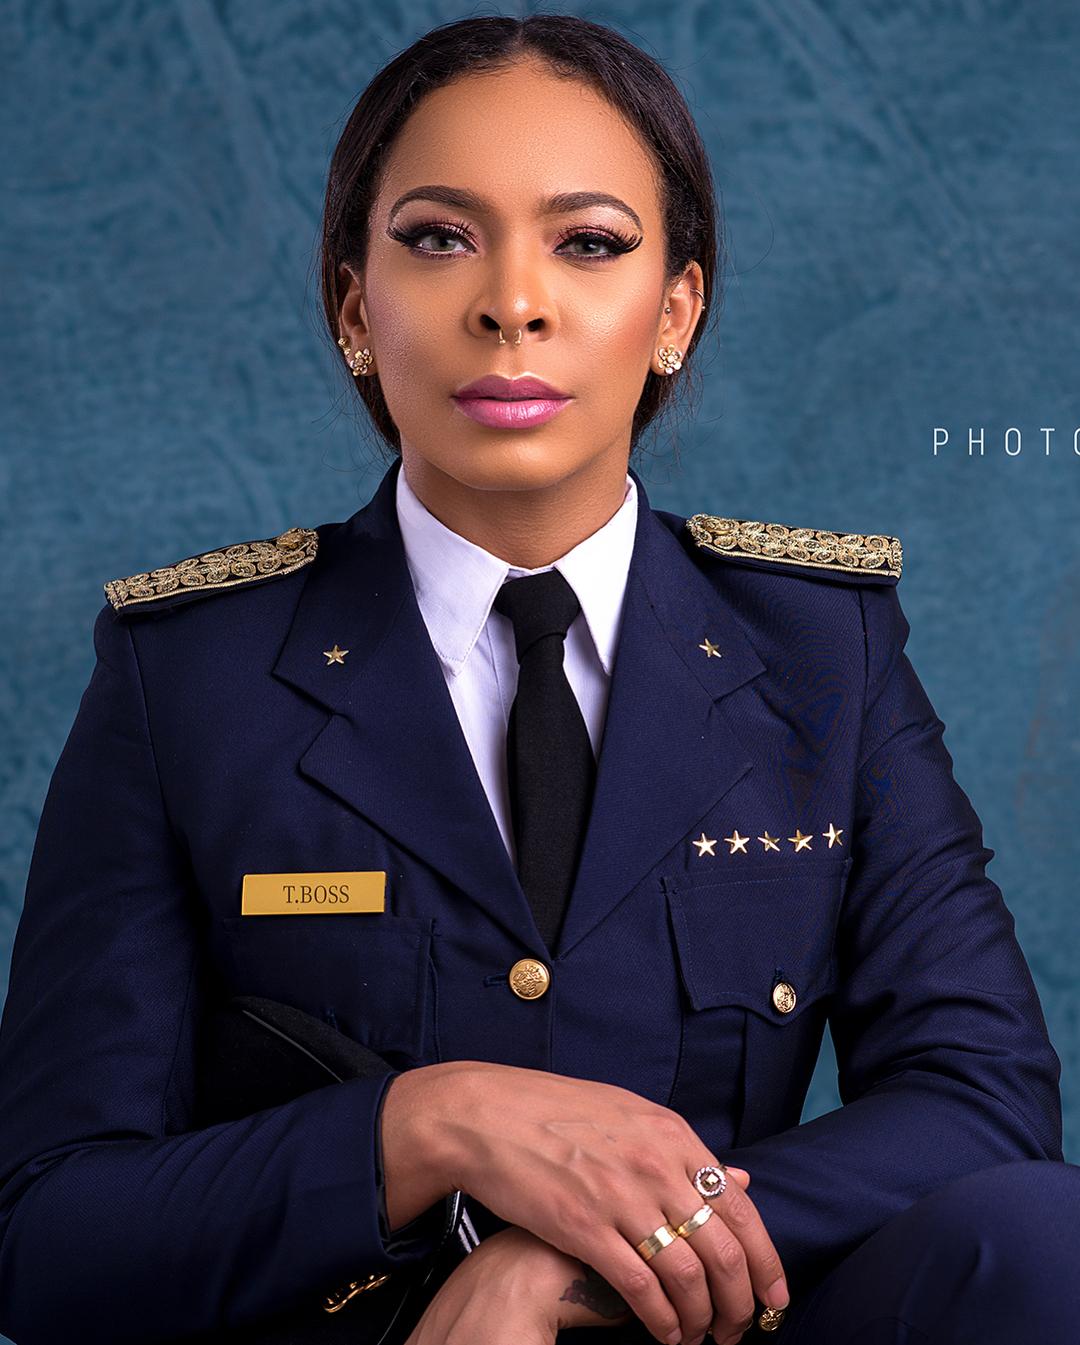 TBoss Wears Pilot Uniform 02